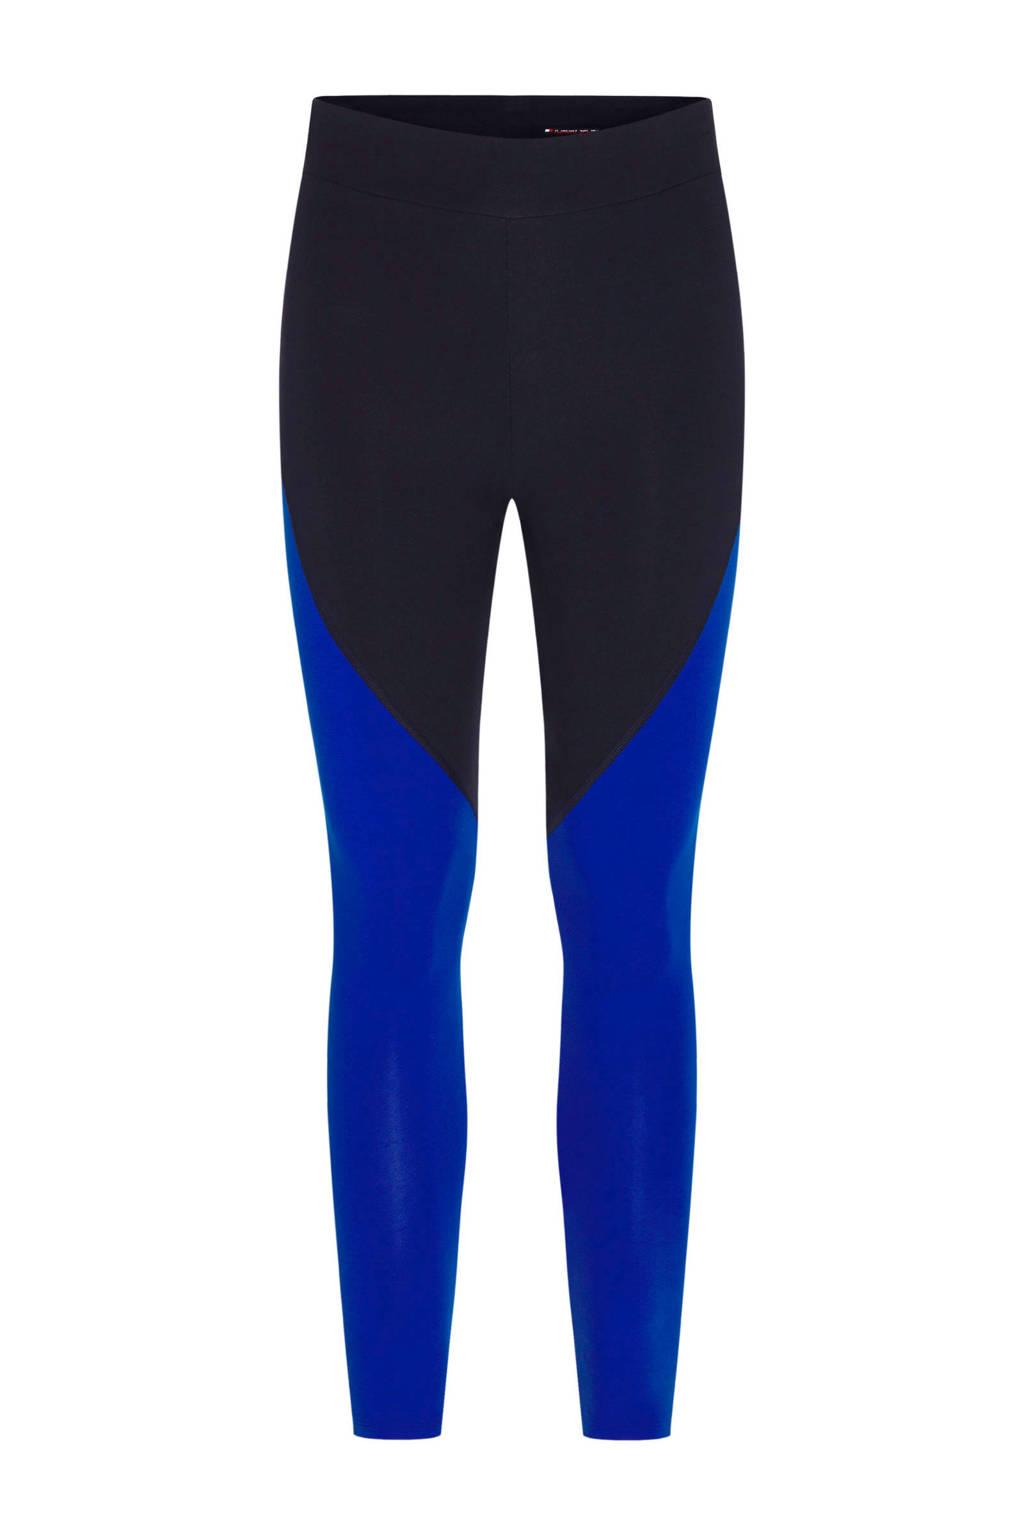 Tommy Hilfiger Sport sportbroek zwart/blauw, Zwart/blauw